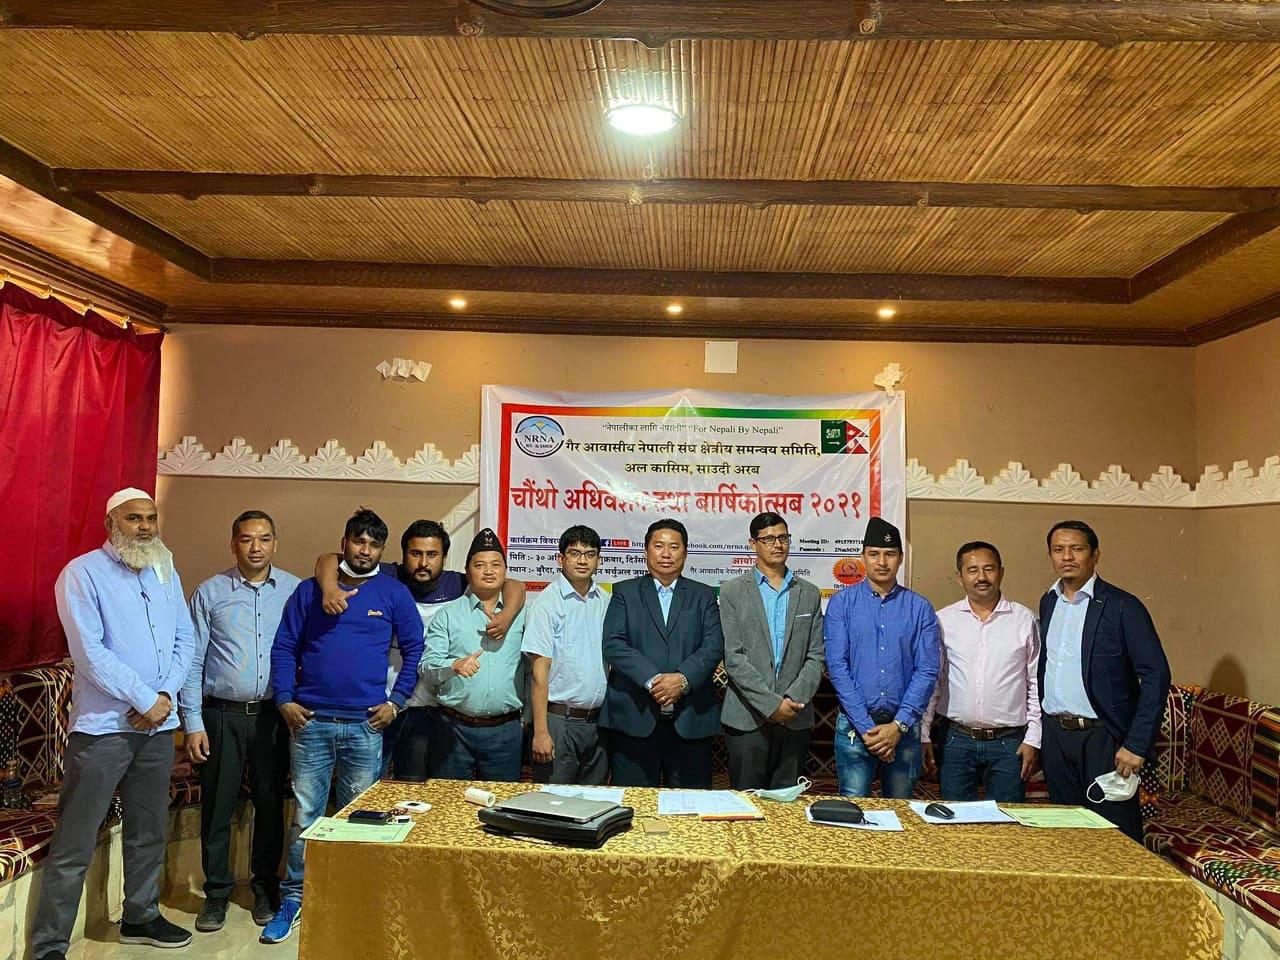 एनआरएनए क्षेत्रीय समन्वय समिति अल कासिमको नेतृत्वमा पुन : रम्जानदिन मियाँ